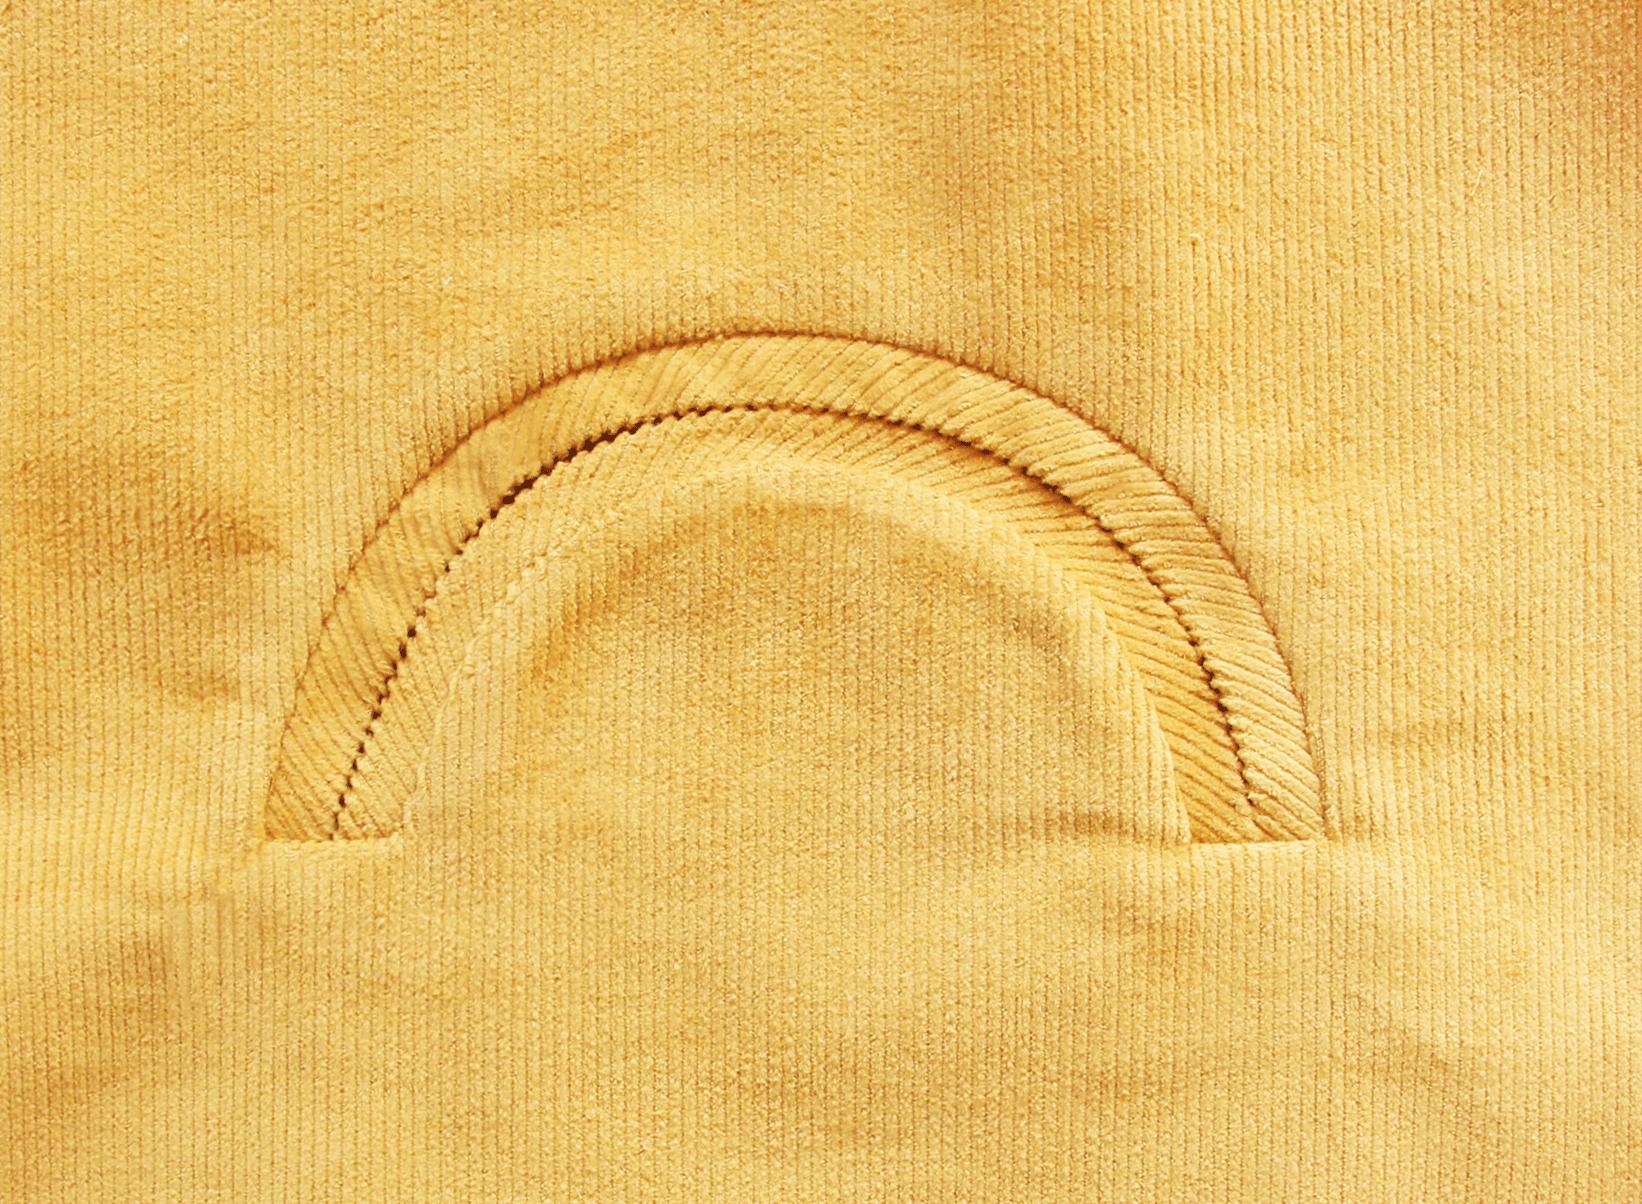 Nähanleitung für Paspeltasche in Halbkreisform